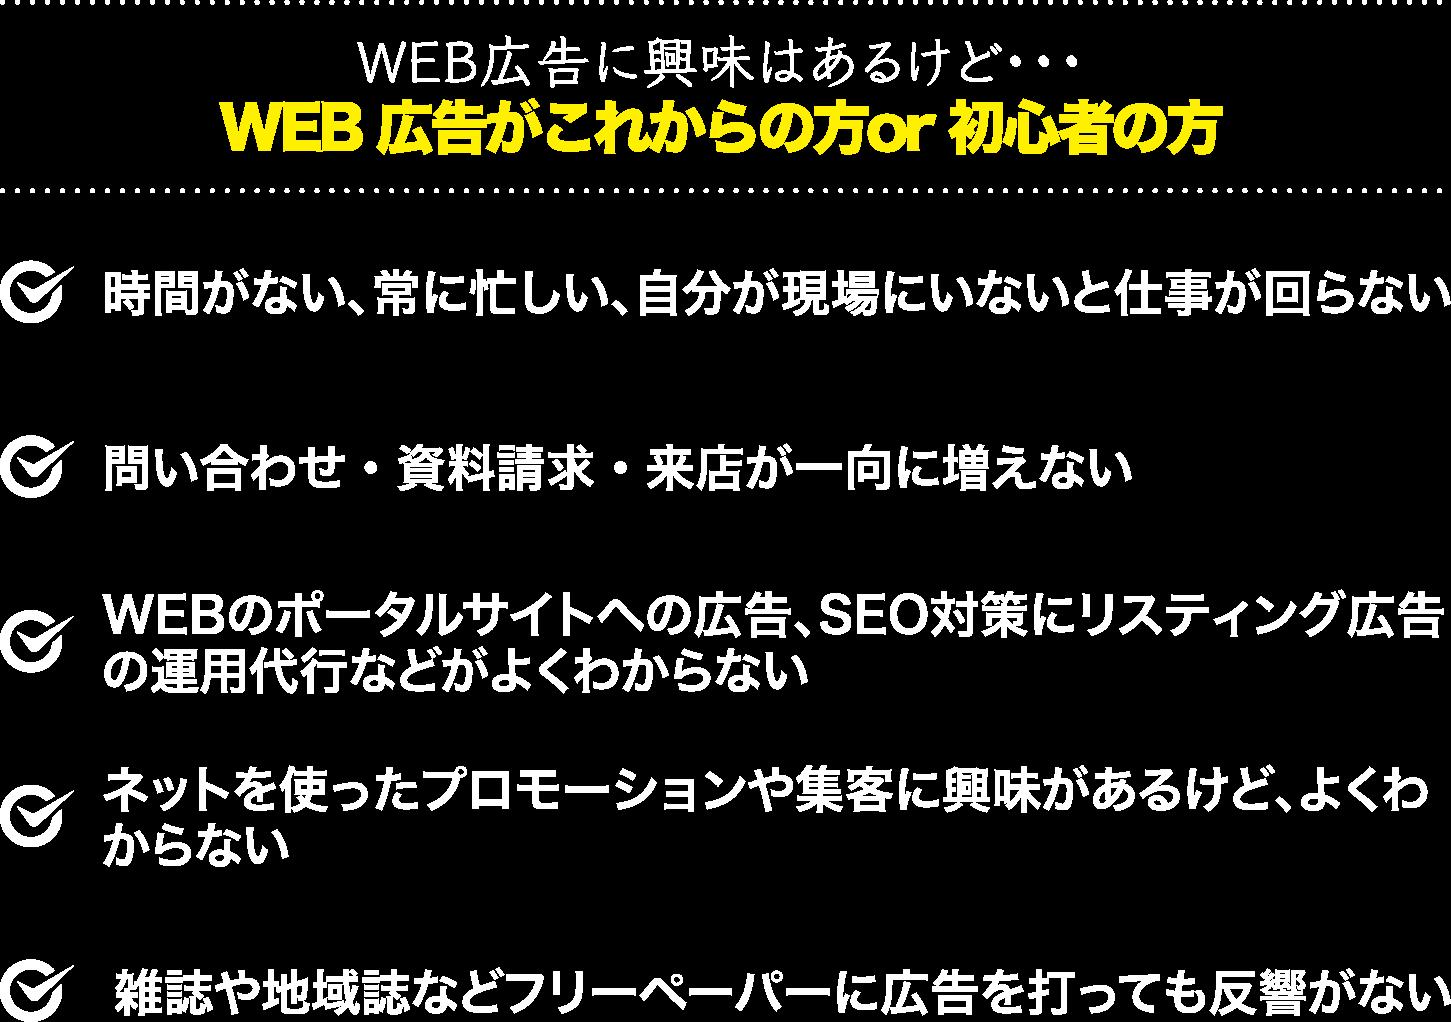 【WEB広告に興味はあるけど・・・WEB広告がこれからの方or初心者の方】時間がない、常に忙しい、自分が現場にいないと仕事が回らない/問い合わせ・資料請求・来店が一向に増えない/WEBのポータルサイトへの広告、SEO対策にリスティング広告の運用代行などがよくわからない/ネットを使ったプロモーションや集客に興味があるけど、よくわからない/雑誌や地域誌などフリーペーパーに広告を打っても反響がない